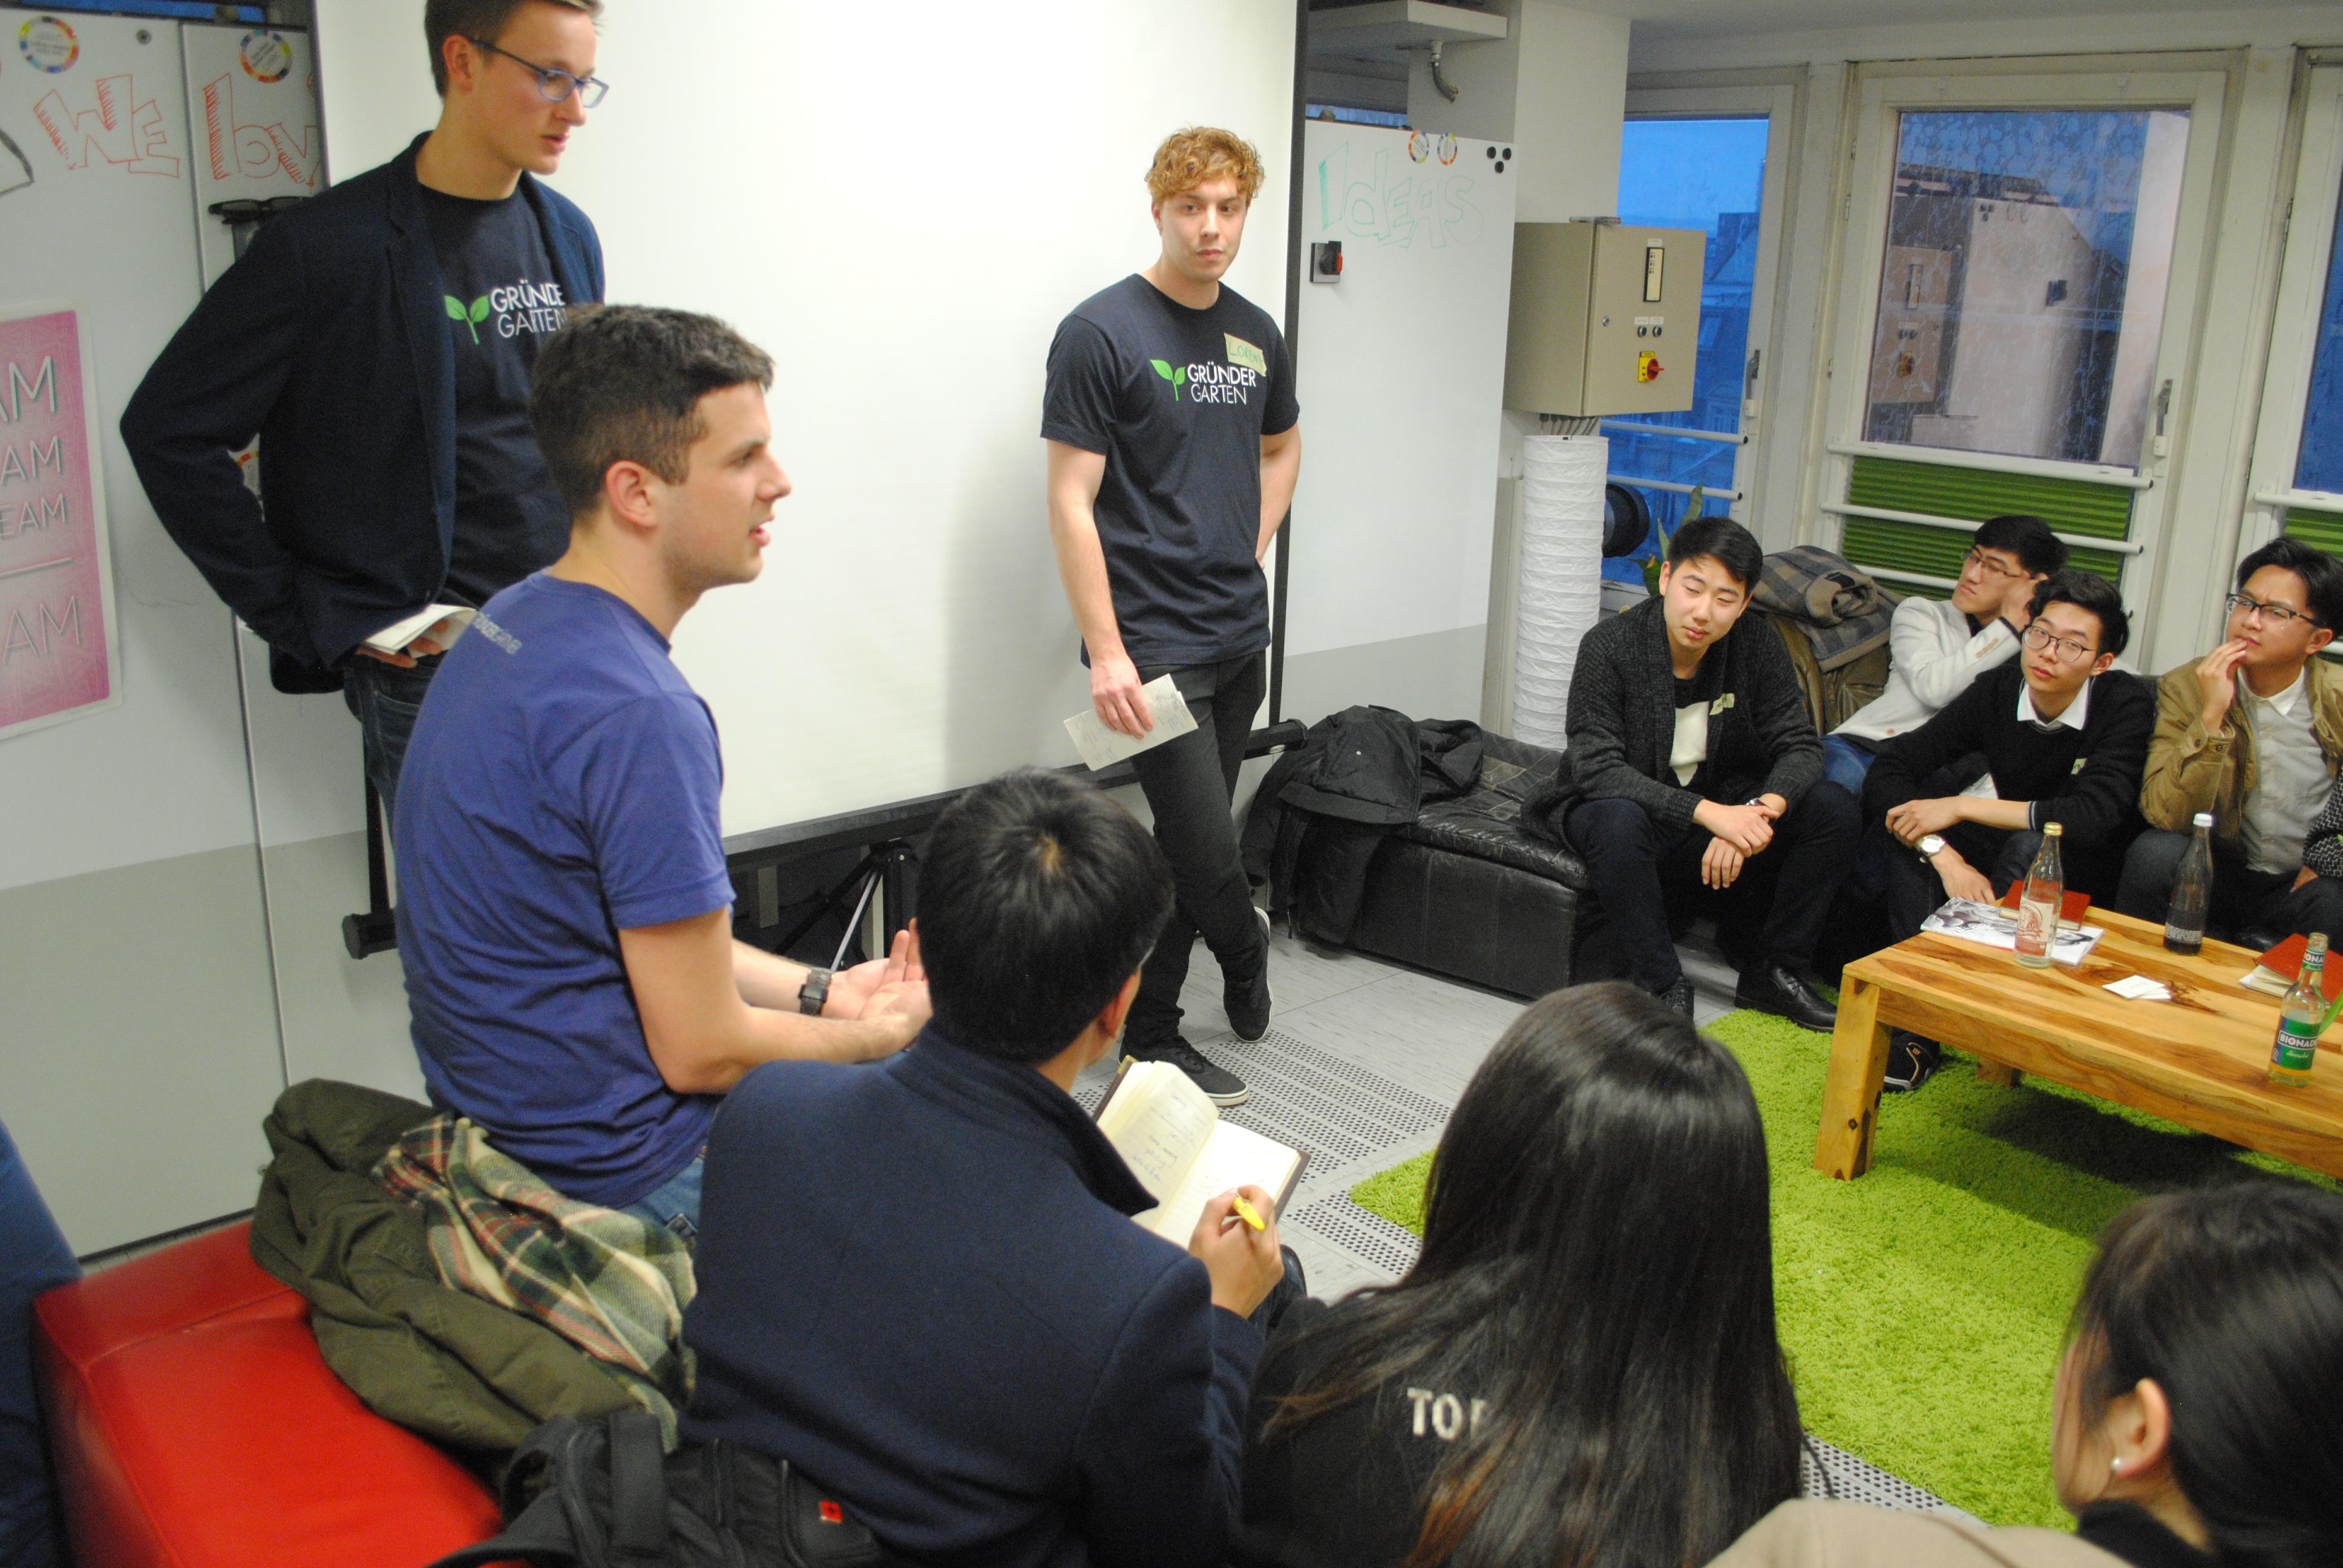 GründerGärtner pitchen vor chinesischen Studenten